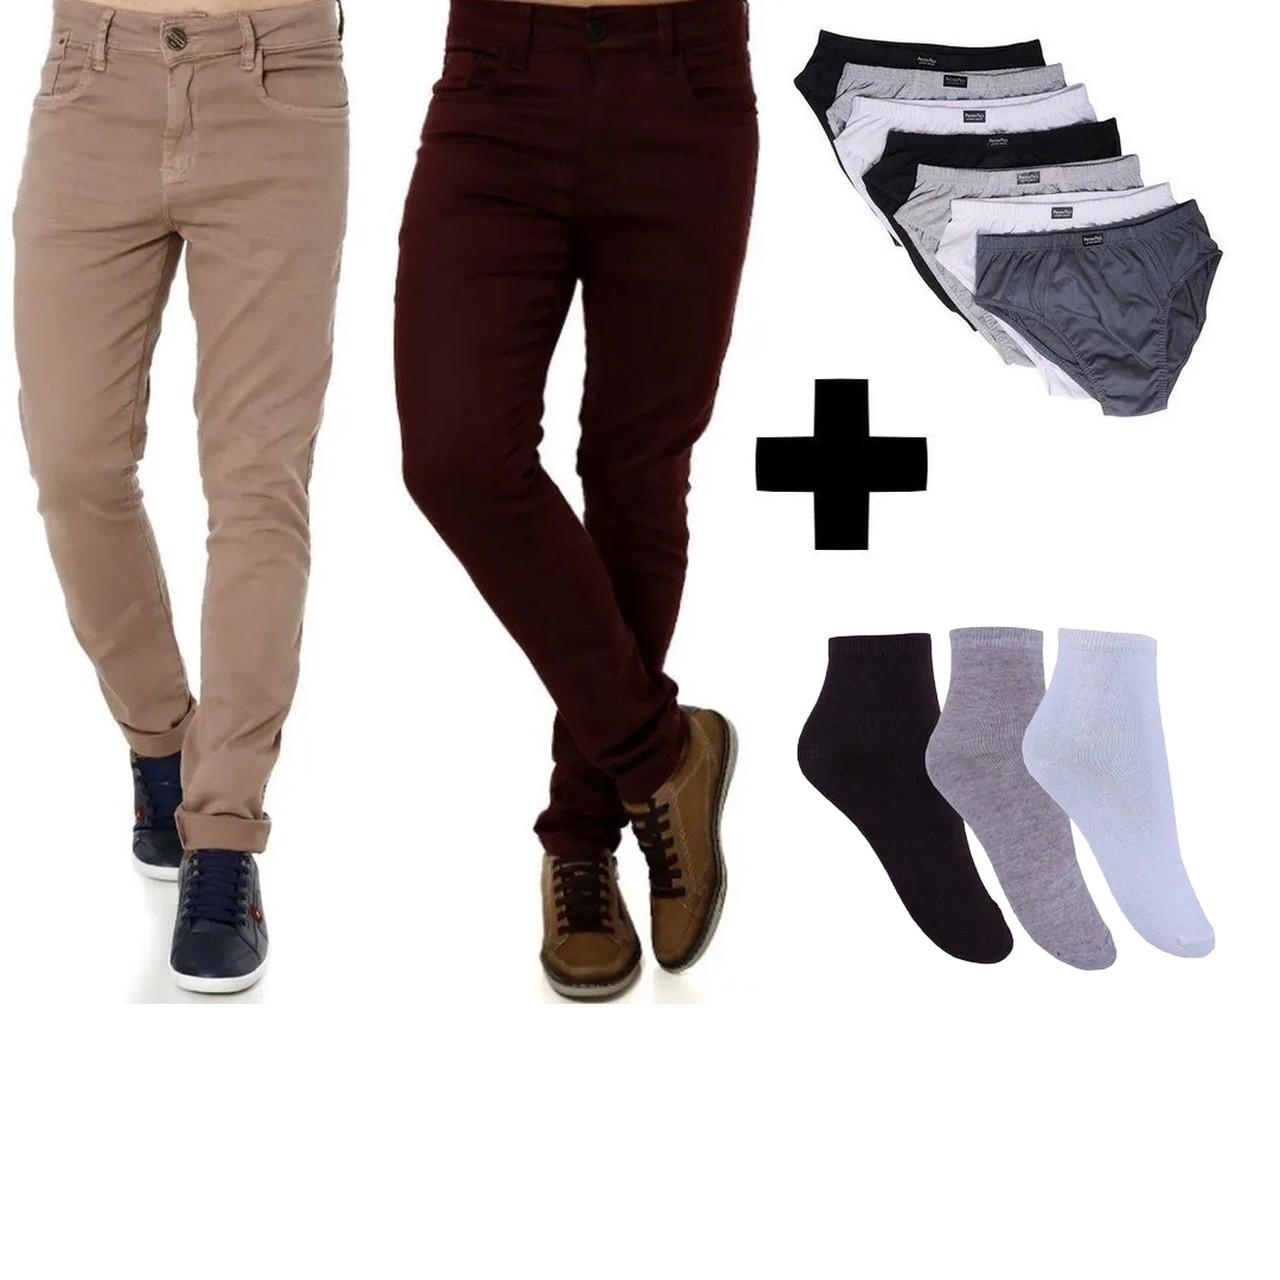 Kit Conjunto  2 Calças Masculinas + 6 Pares de Meia + Cuecas Slip